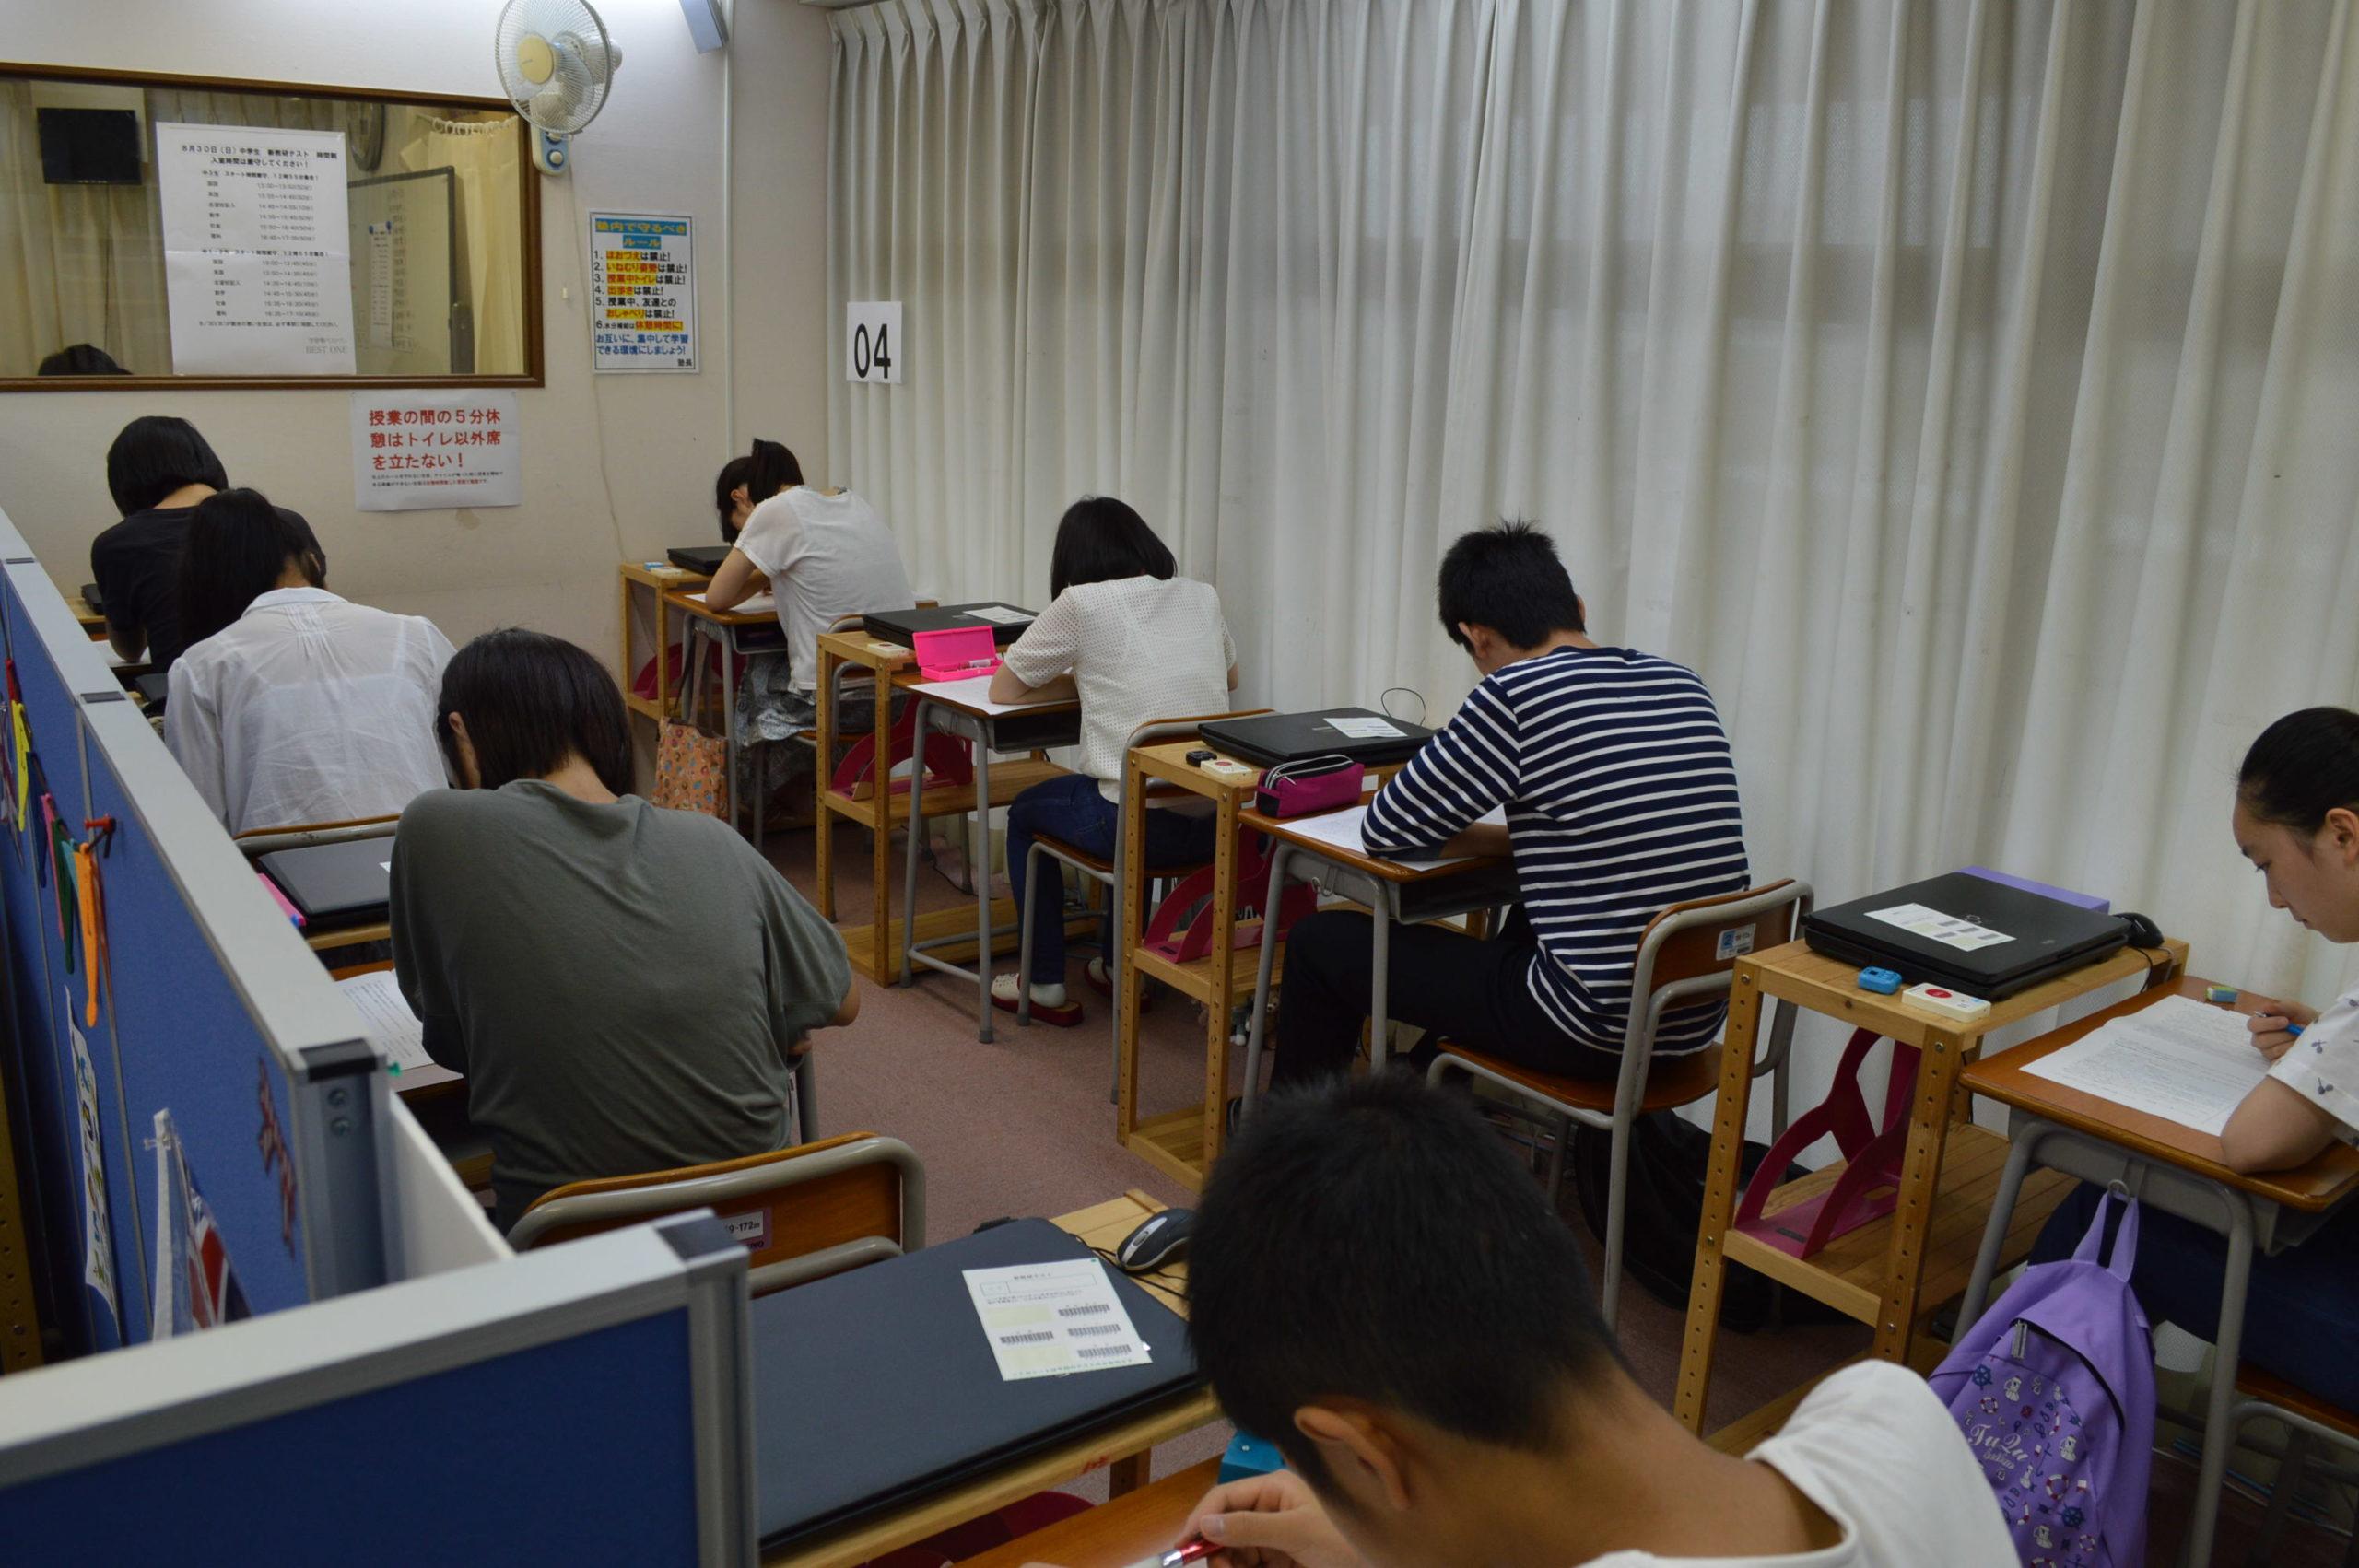 新教研テスト実施(8/30)page-visual 新教研テスト実施(8/30)ビジュアル